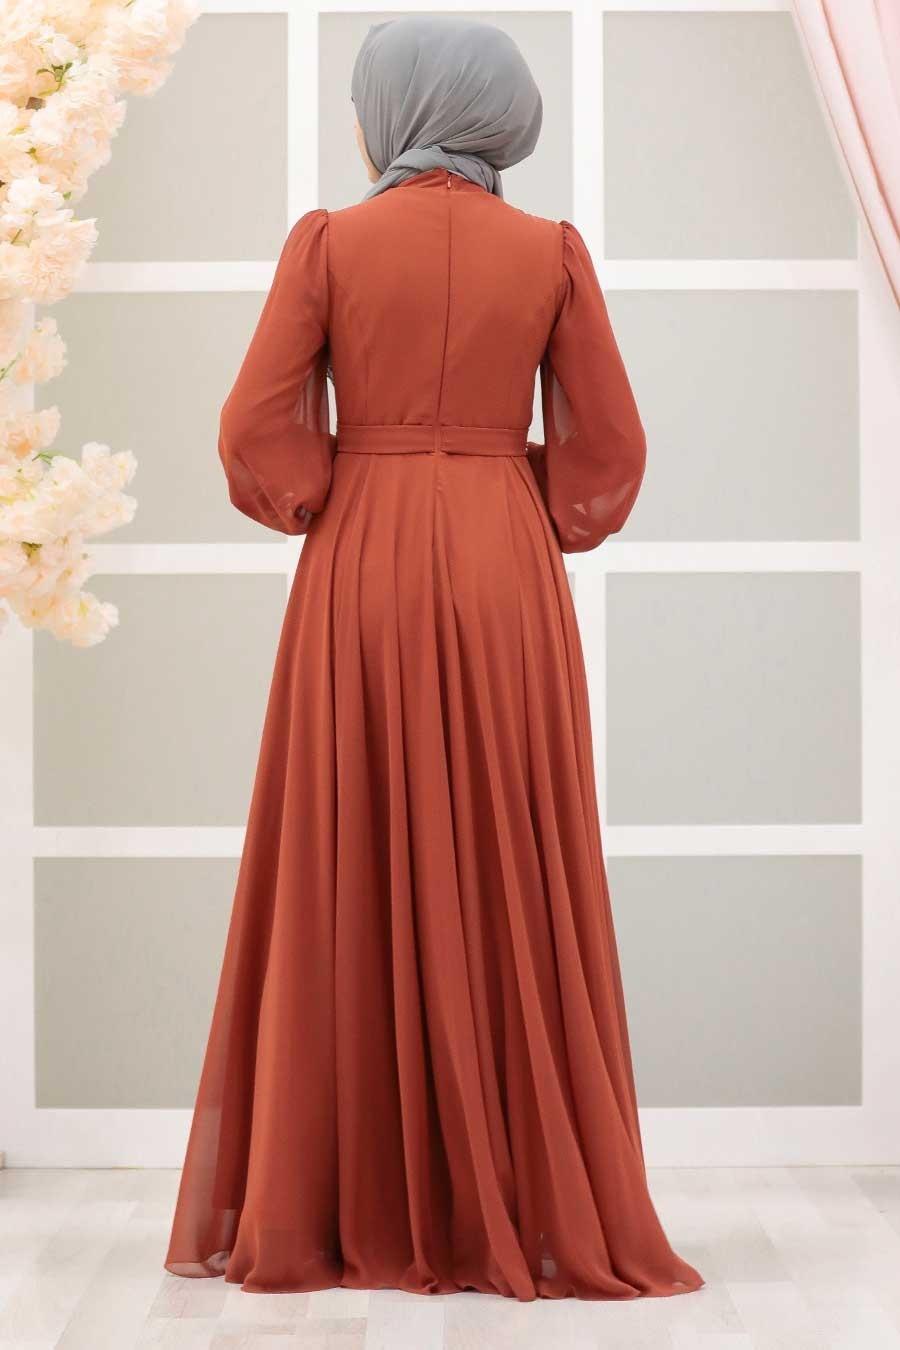 Tesettürlü Abiye Elbise - Balon Kol Kiremit Tesettür Abiye Elbise 22040KRMT